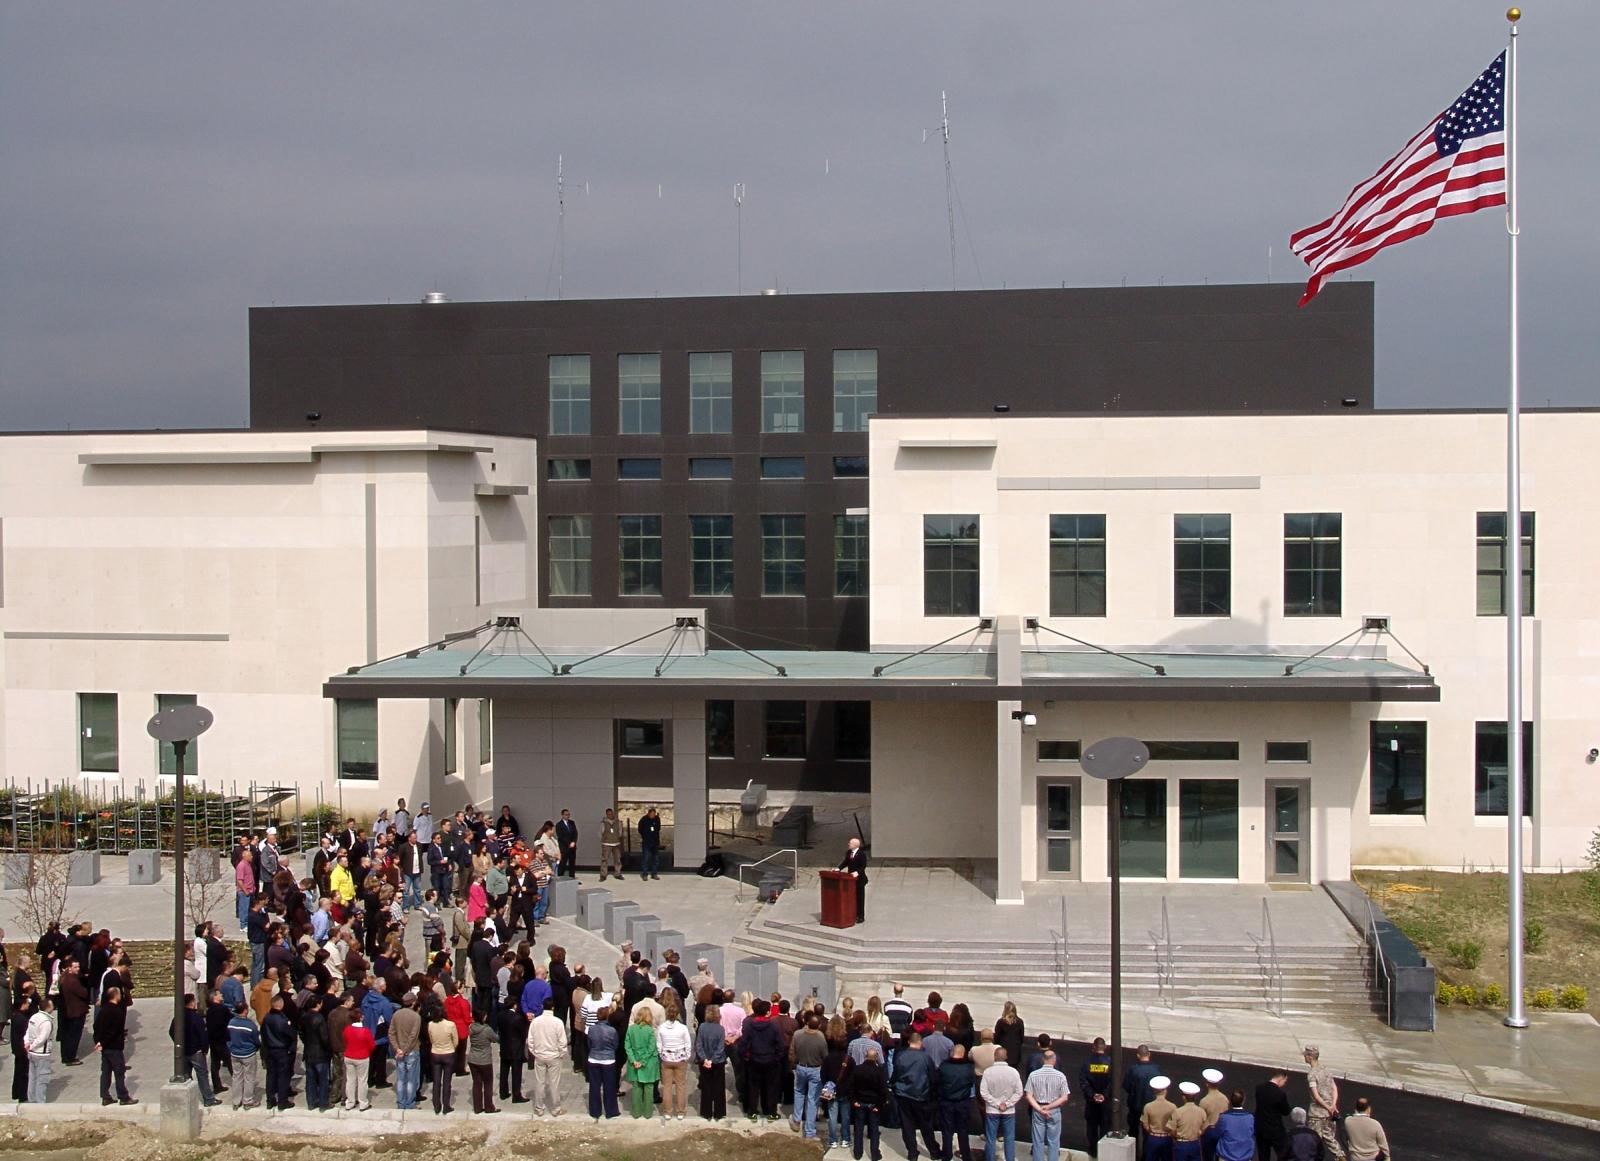 Амбасадата на САД ги охрабрува граѓаните да придонесат изборите да бидат кредибилни